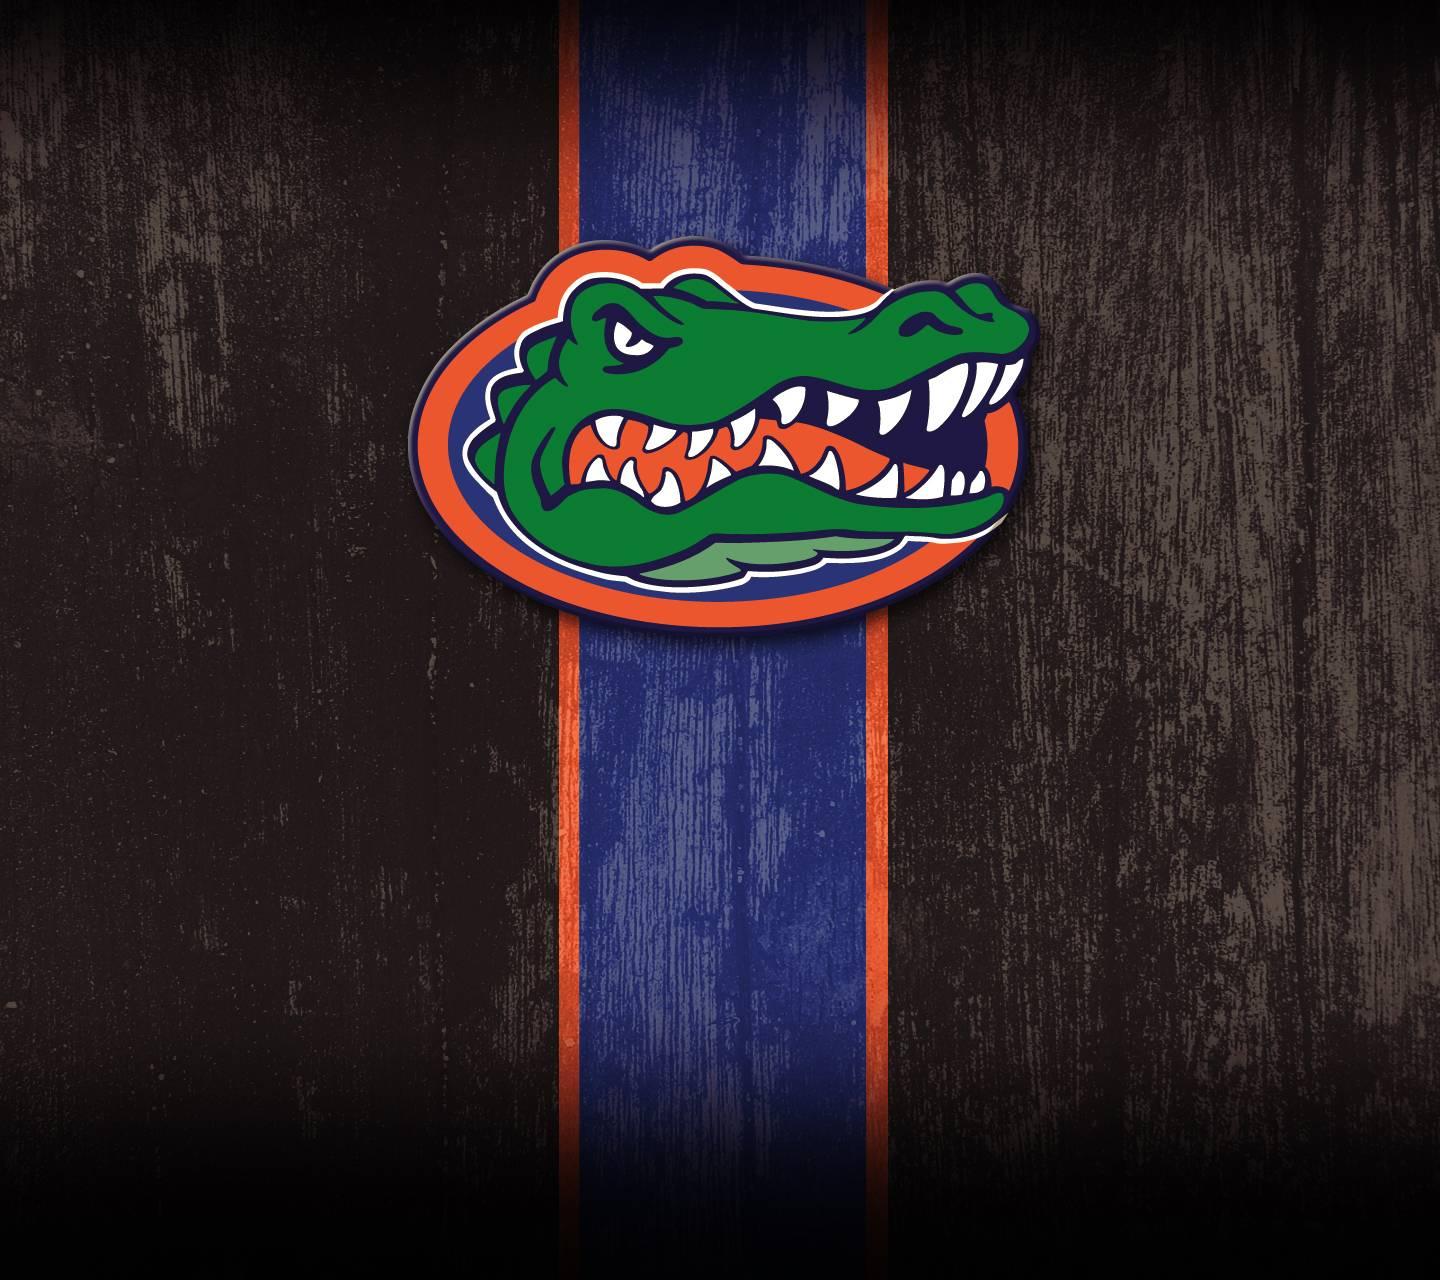 Florida Gators Wallpaper By Spfan3000 F7 Free On Zedge